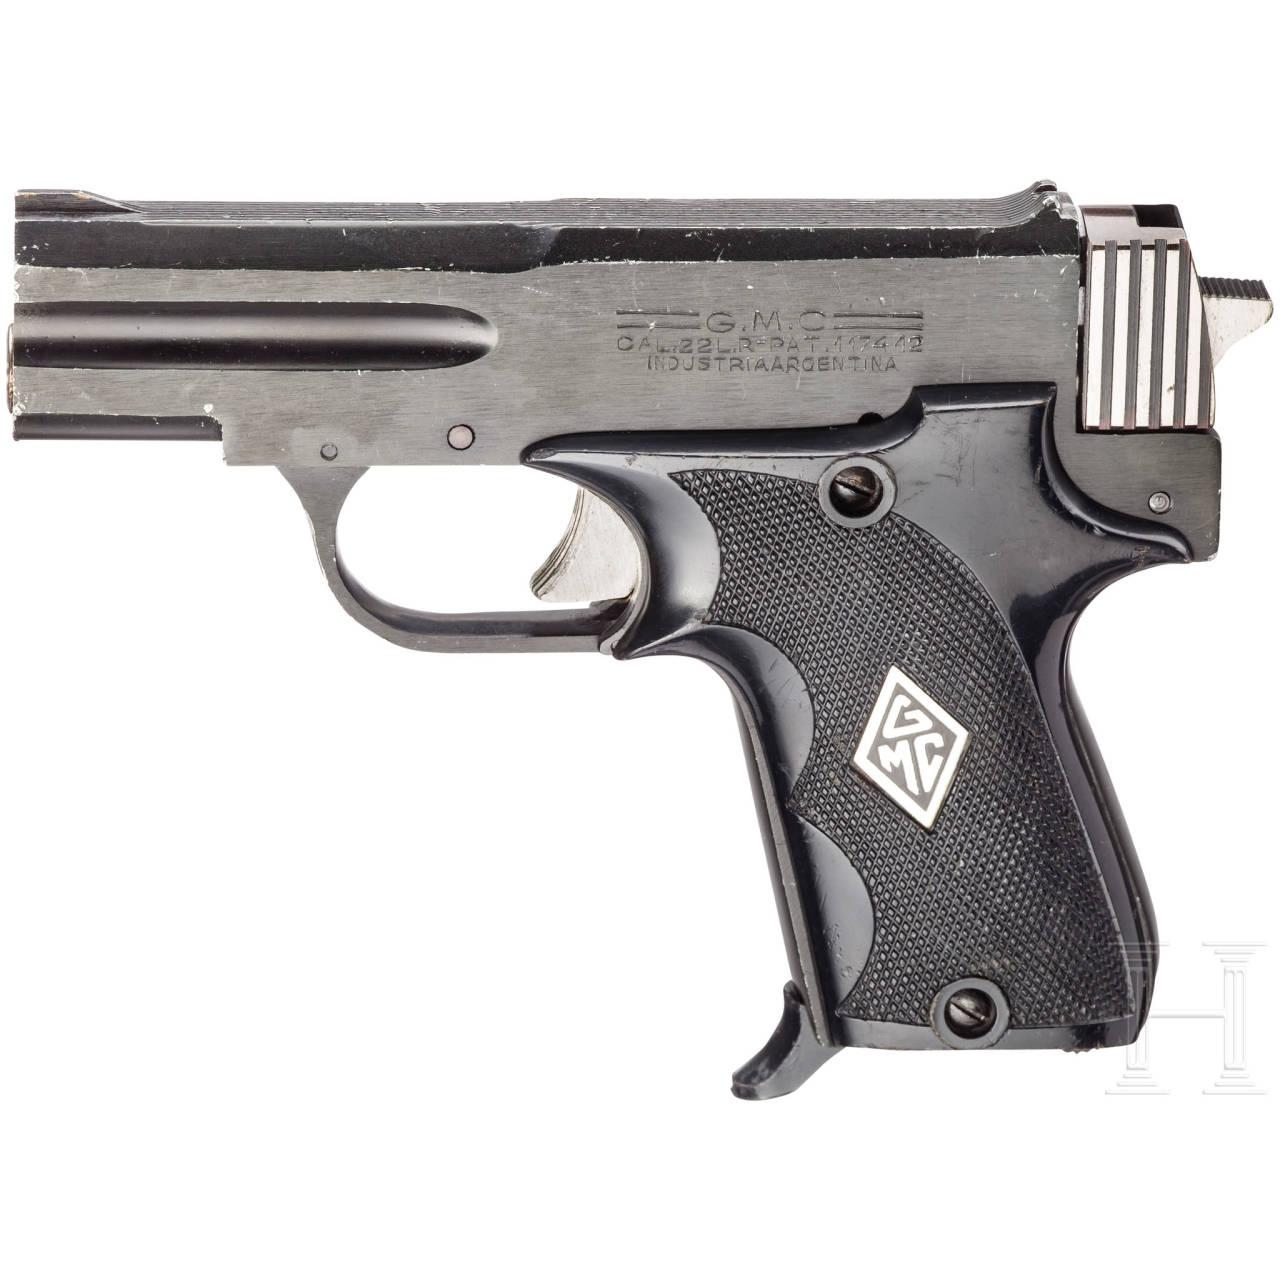 Argentinien - Pistole G.M.C.